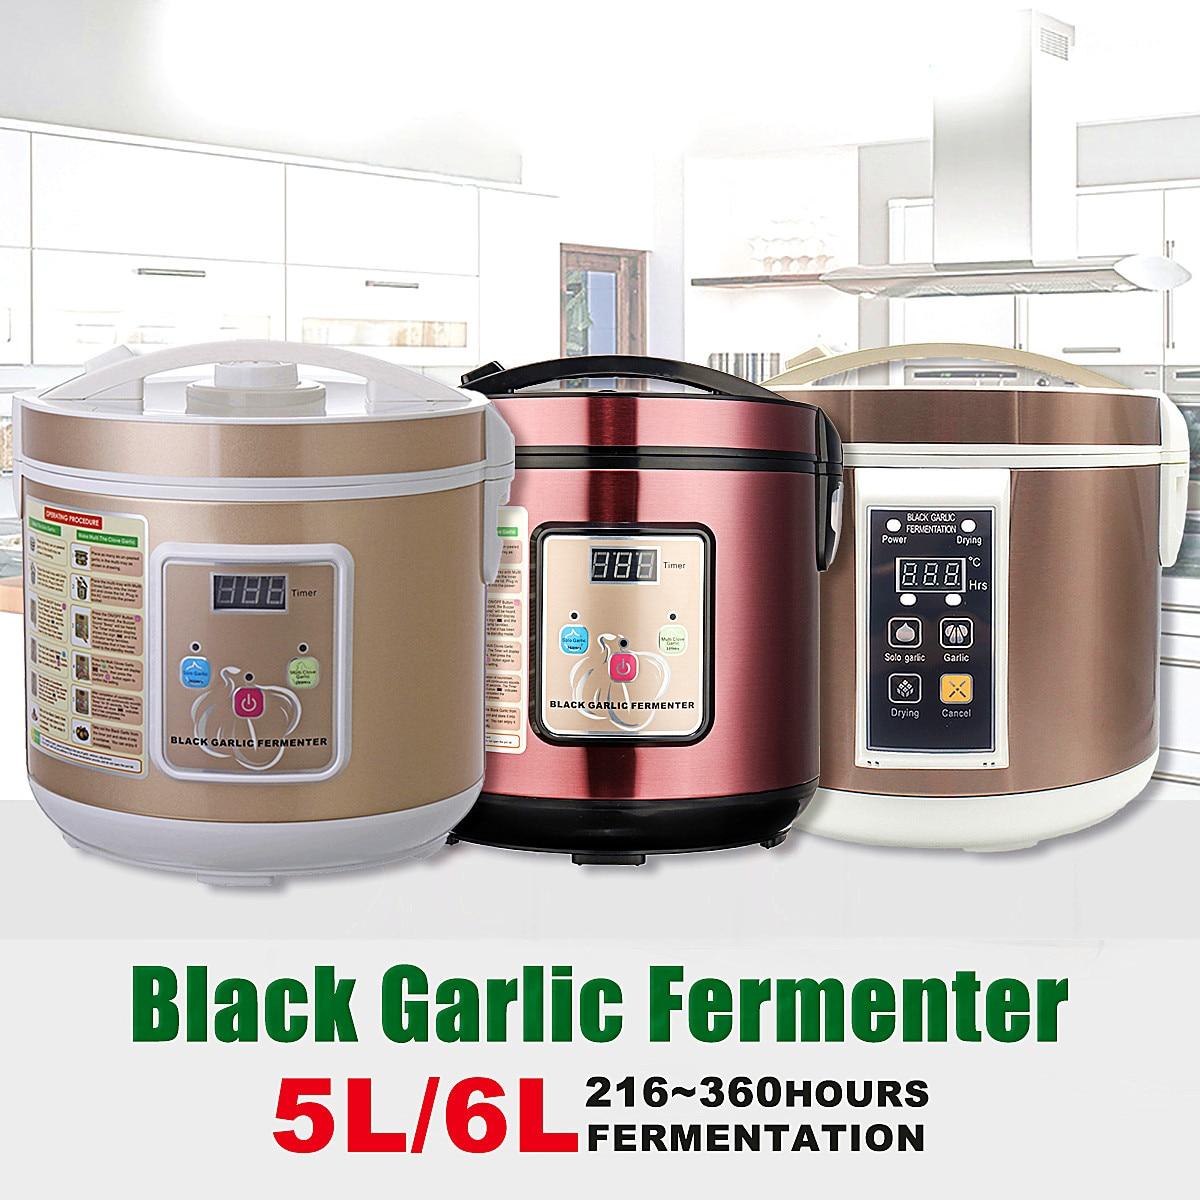 90W 5 6L Automatic Black garlic fermenter household DIY zymolysis pot maker 110V 220V black garlic